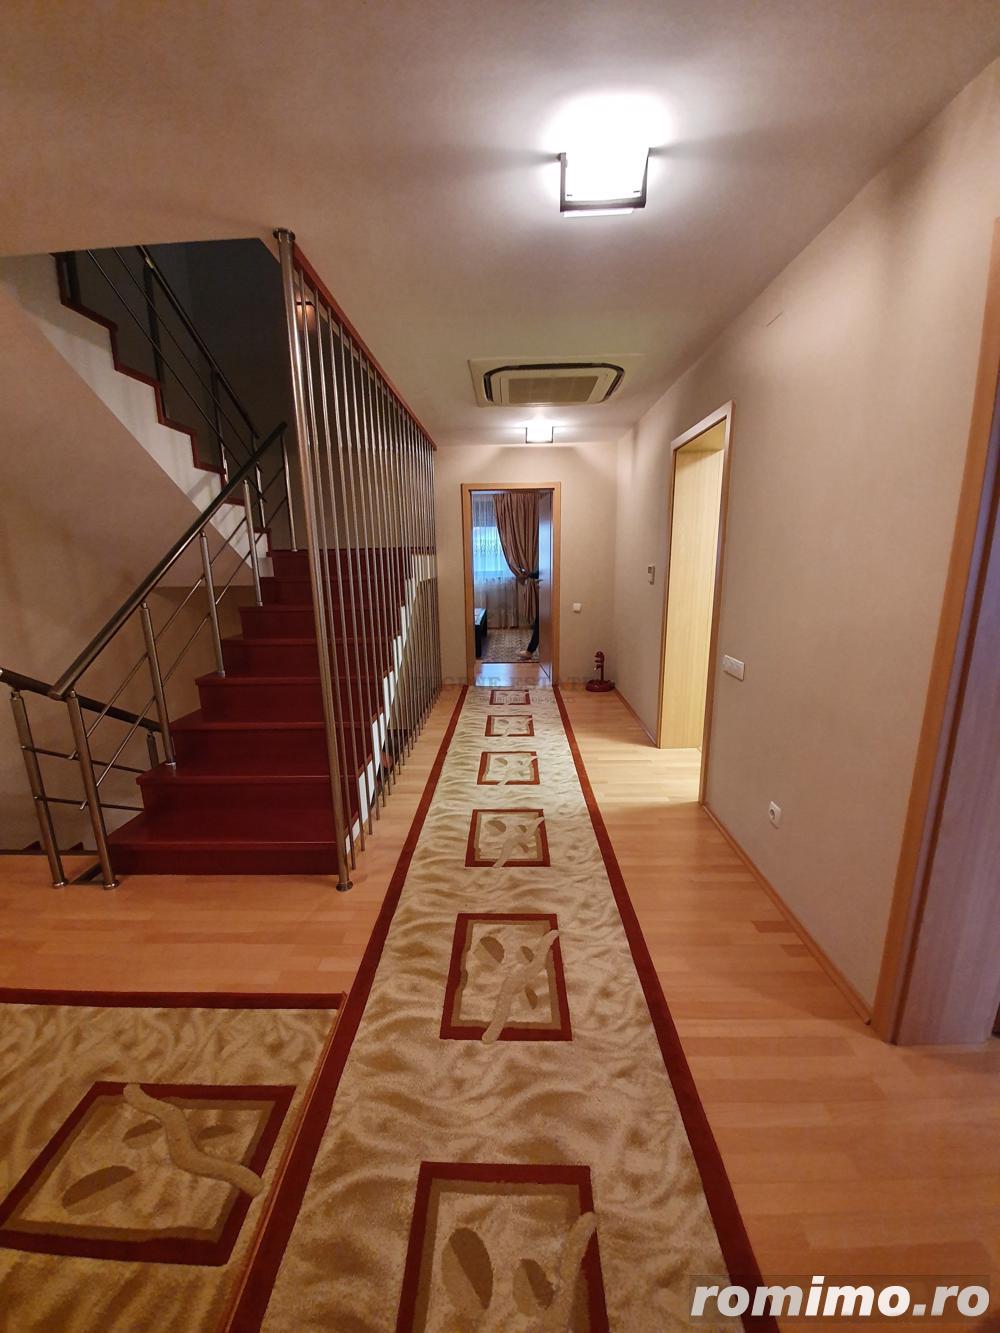 Casa spatioasa, primitoare si confortabila, Dumbravita